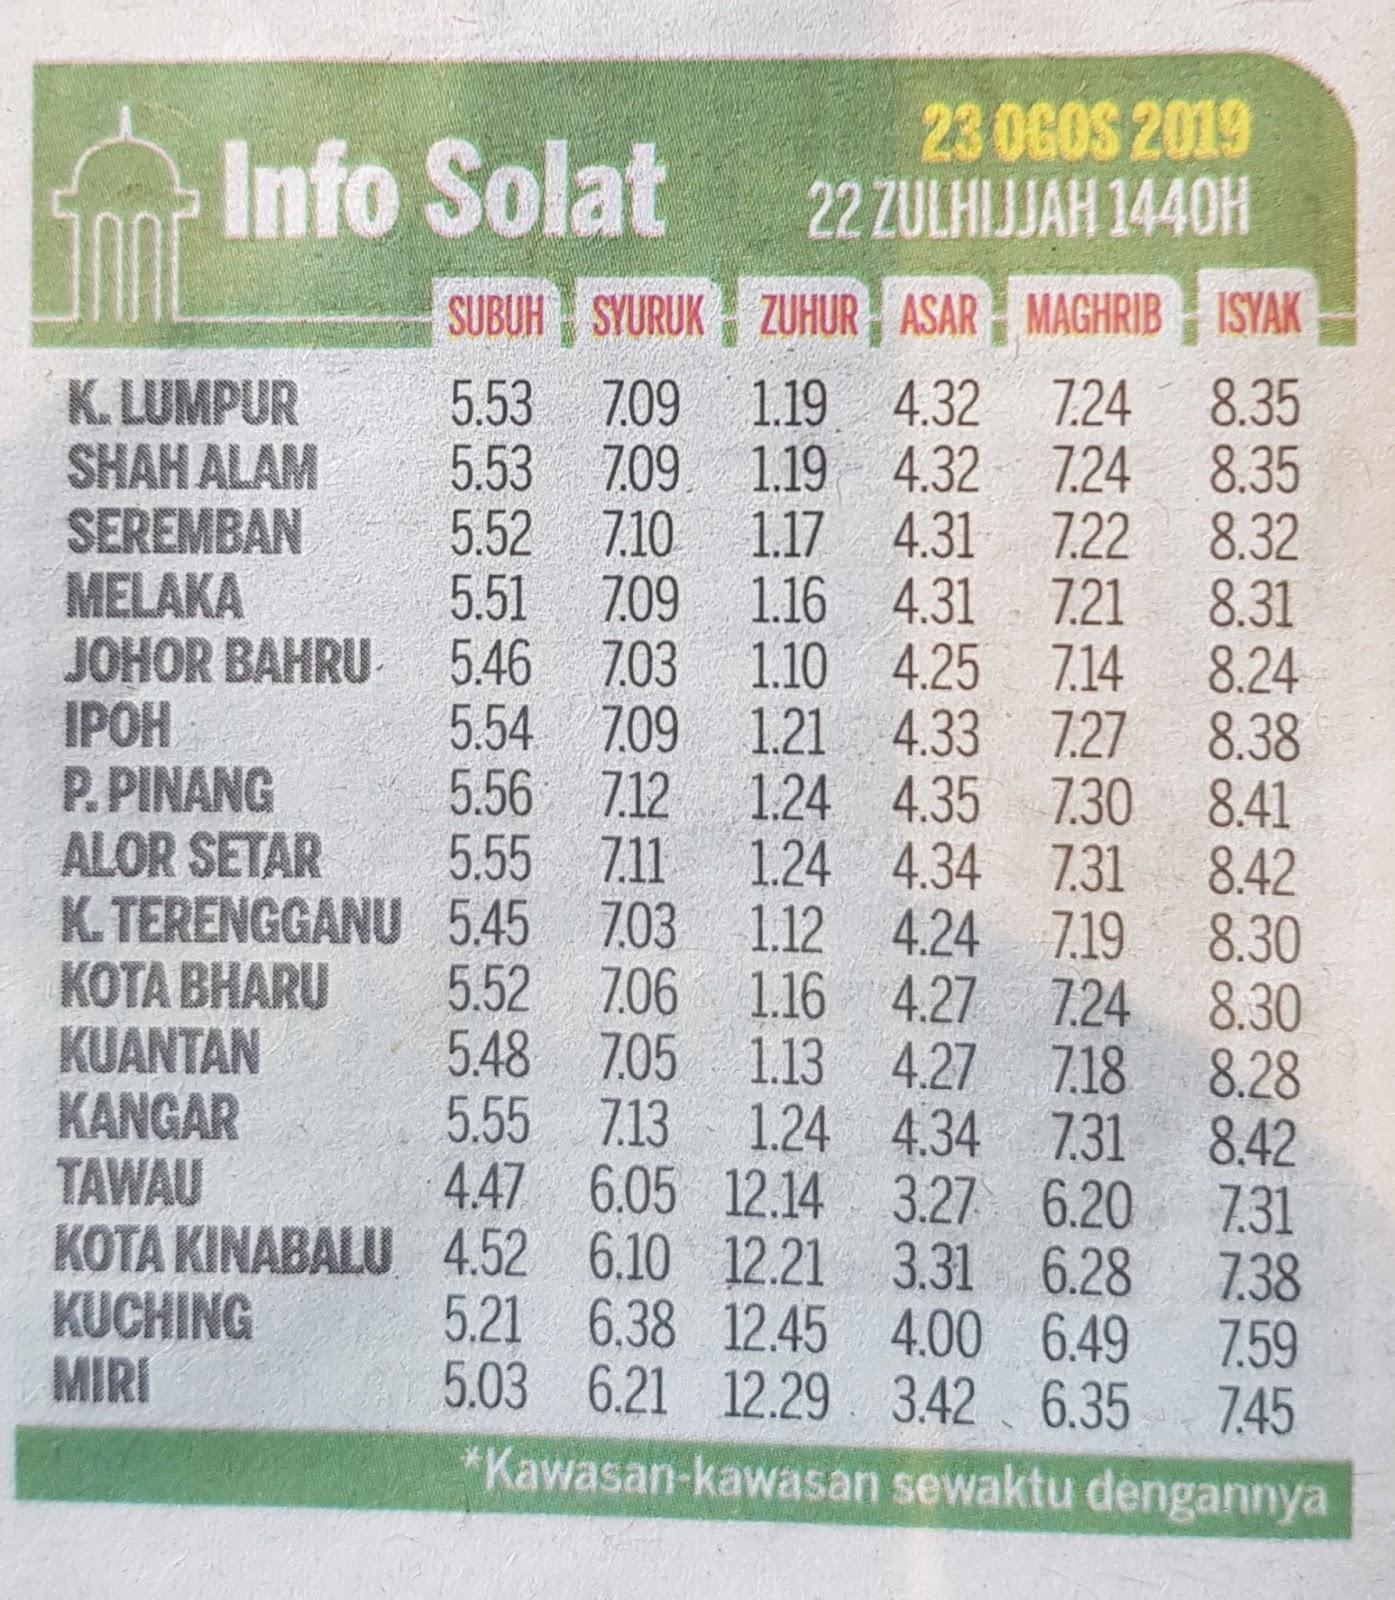 Ahmad Sanusi Husain Com Waktu Solat Malaysia 23 Ogos 2019 22 Zulhijjah 1440 Hijrah